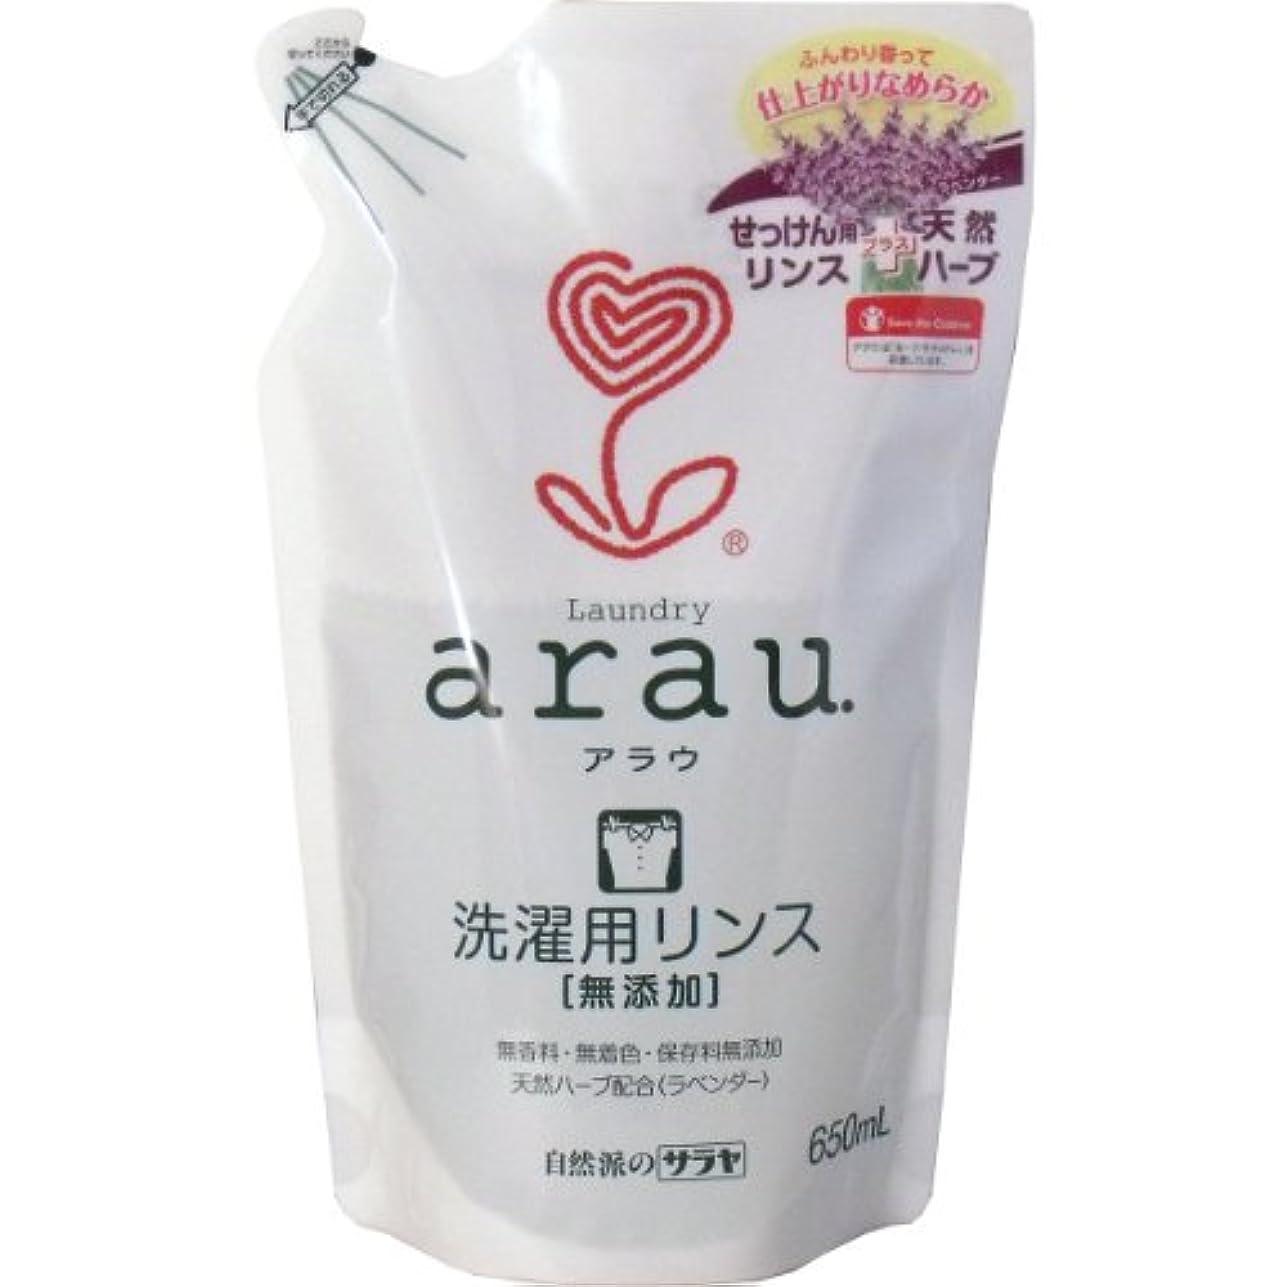 引き算煩わしい鉛arau.(アラウ) 洗濯用 リンス仕上げ 詰替用 650ml ×2セット